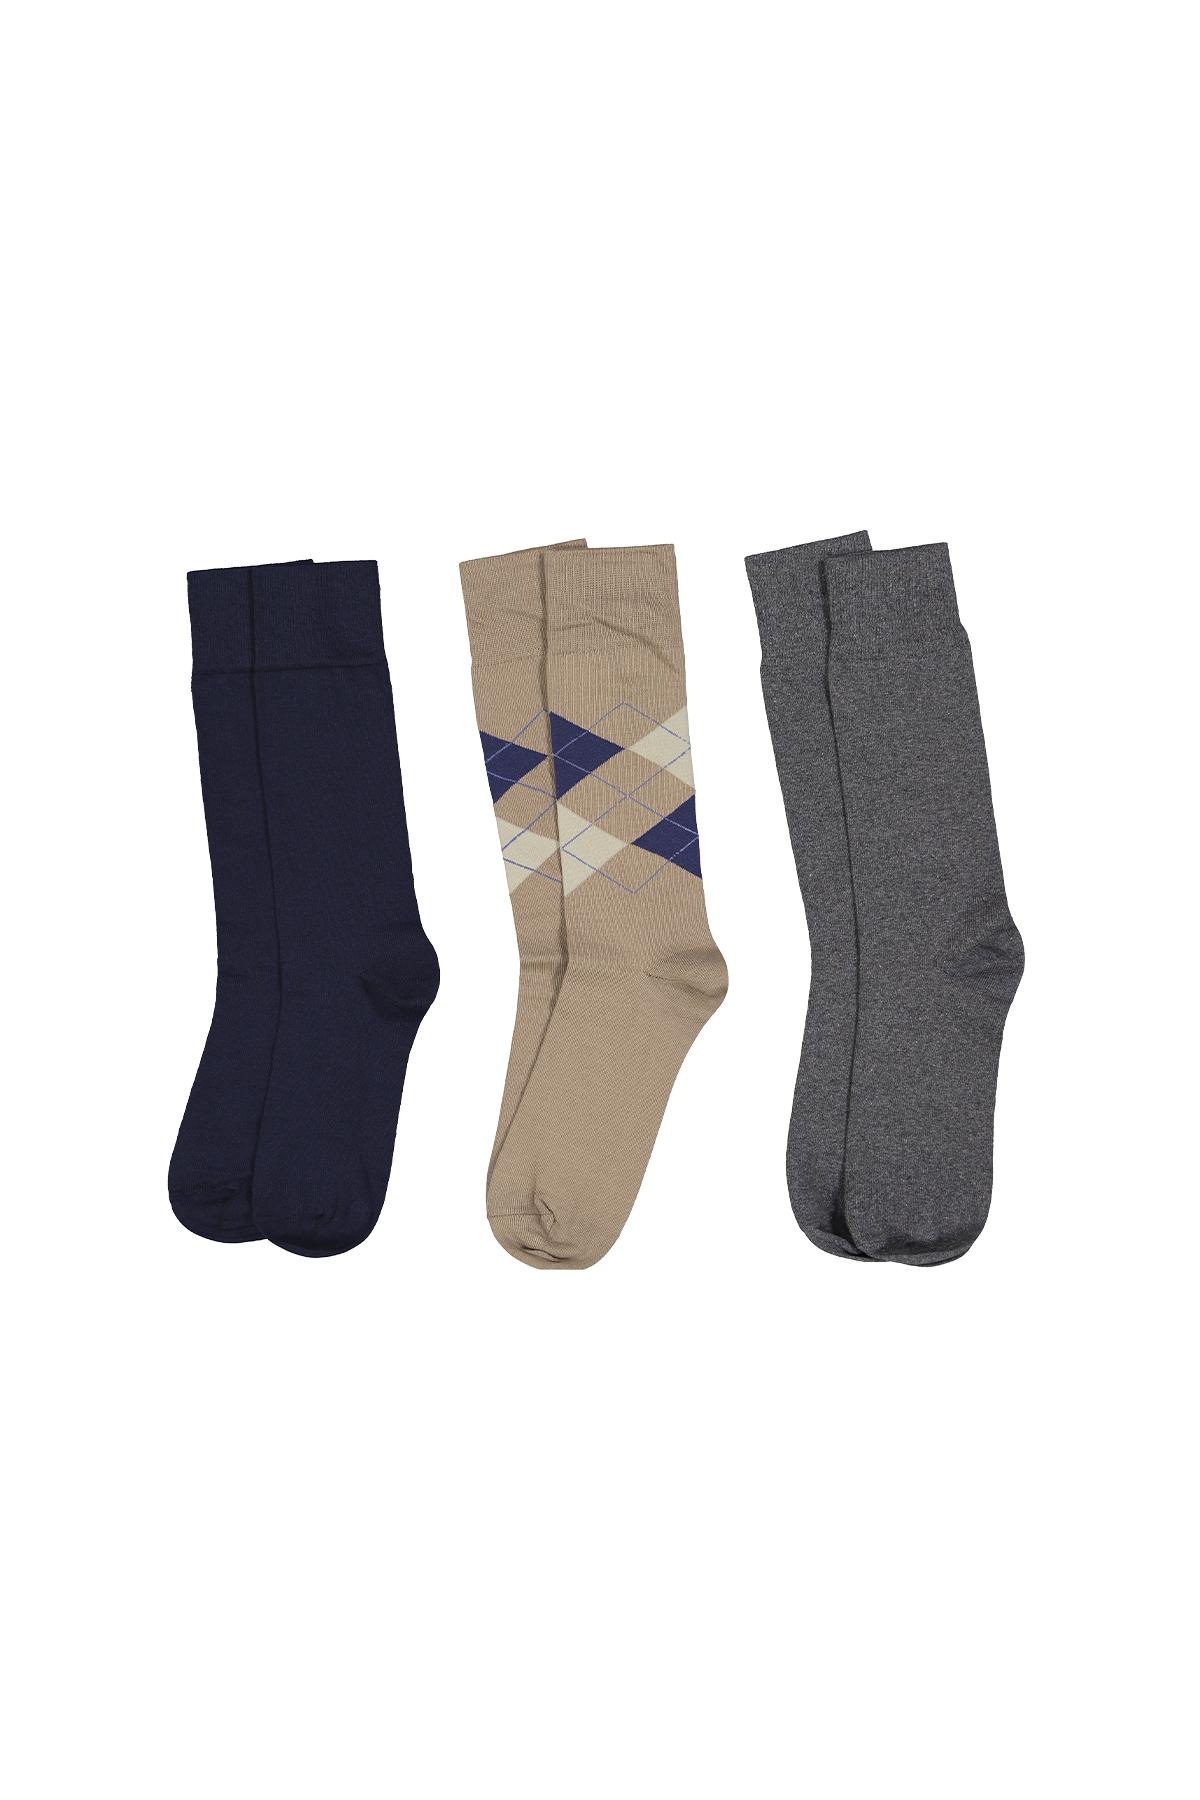 Calcetines marca Robert´s  3 pares en color gris,azul y marrón.